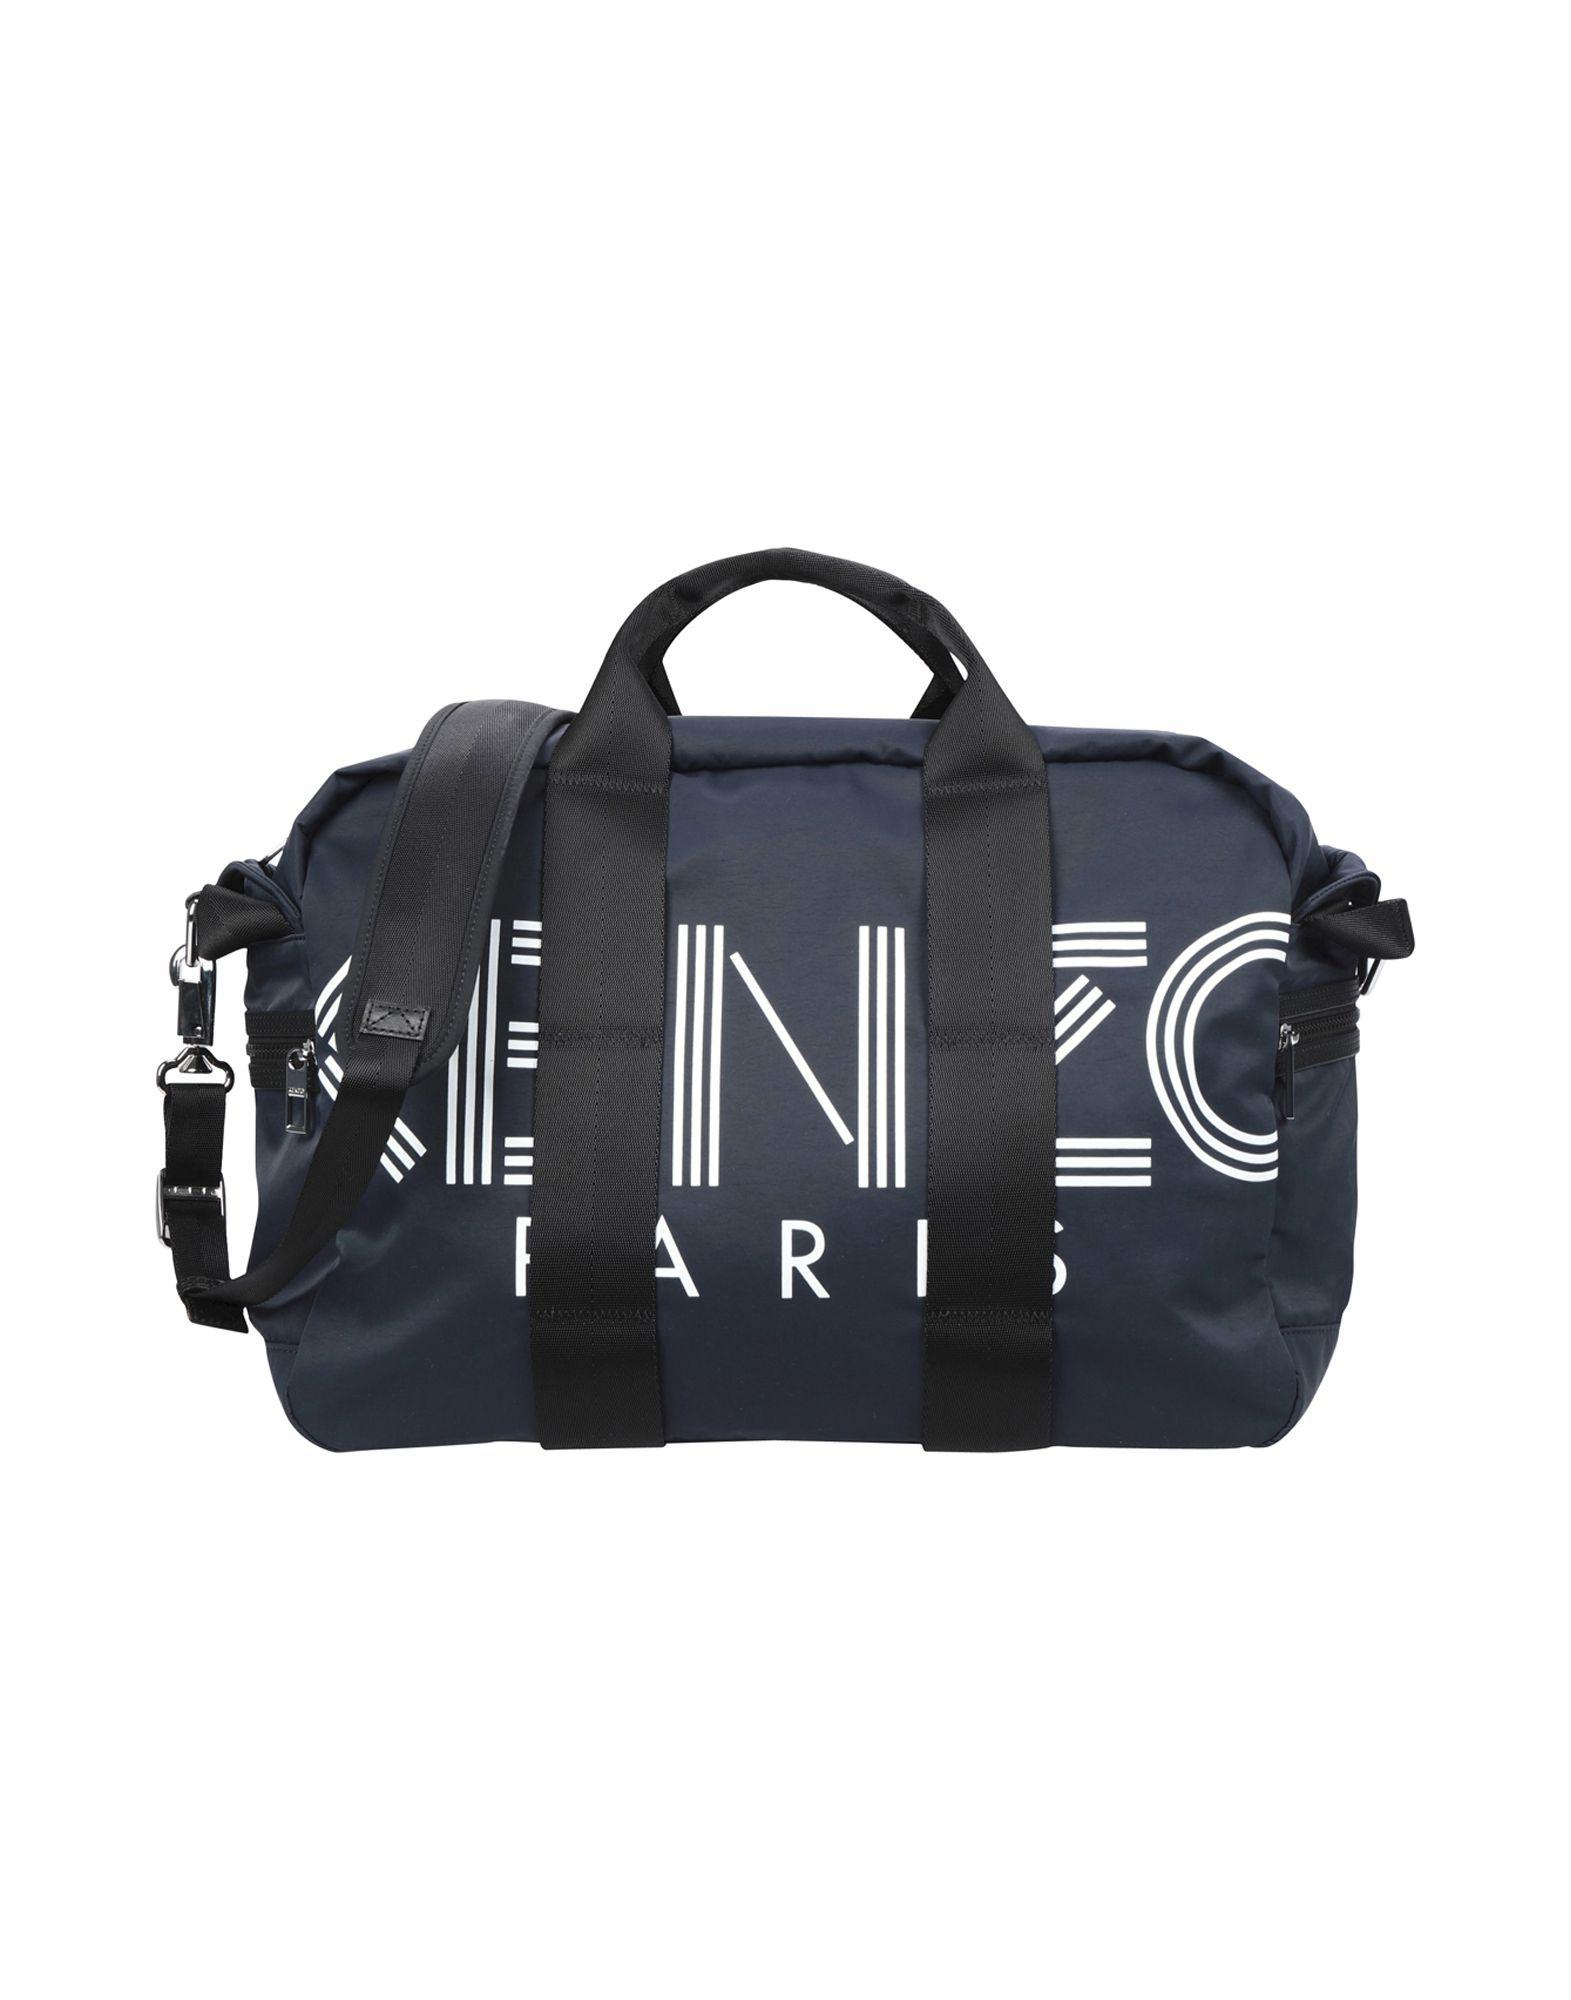 Lyst - Sac de voyage KENZO pour homme en coloris Bleu c8d845e27ed